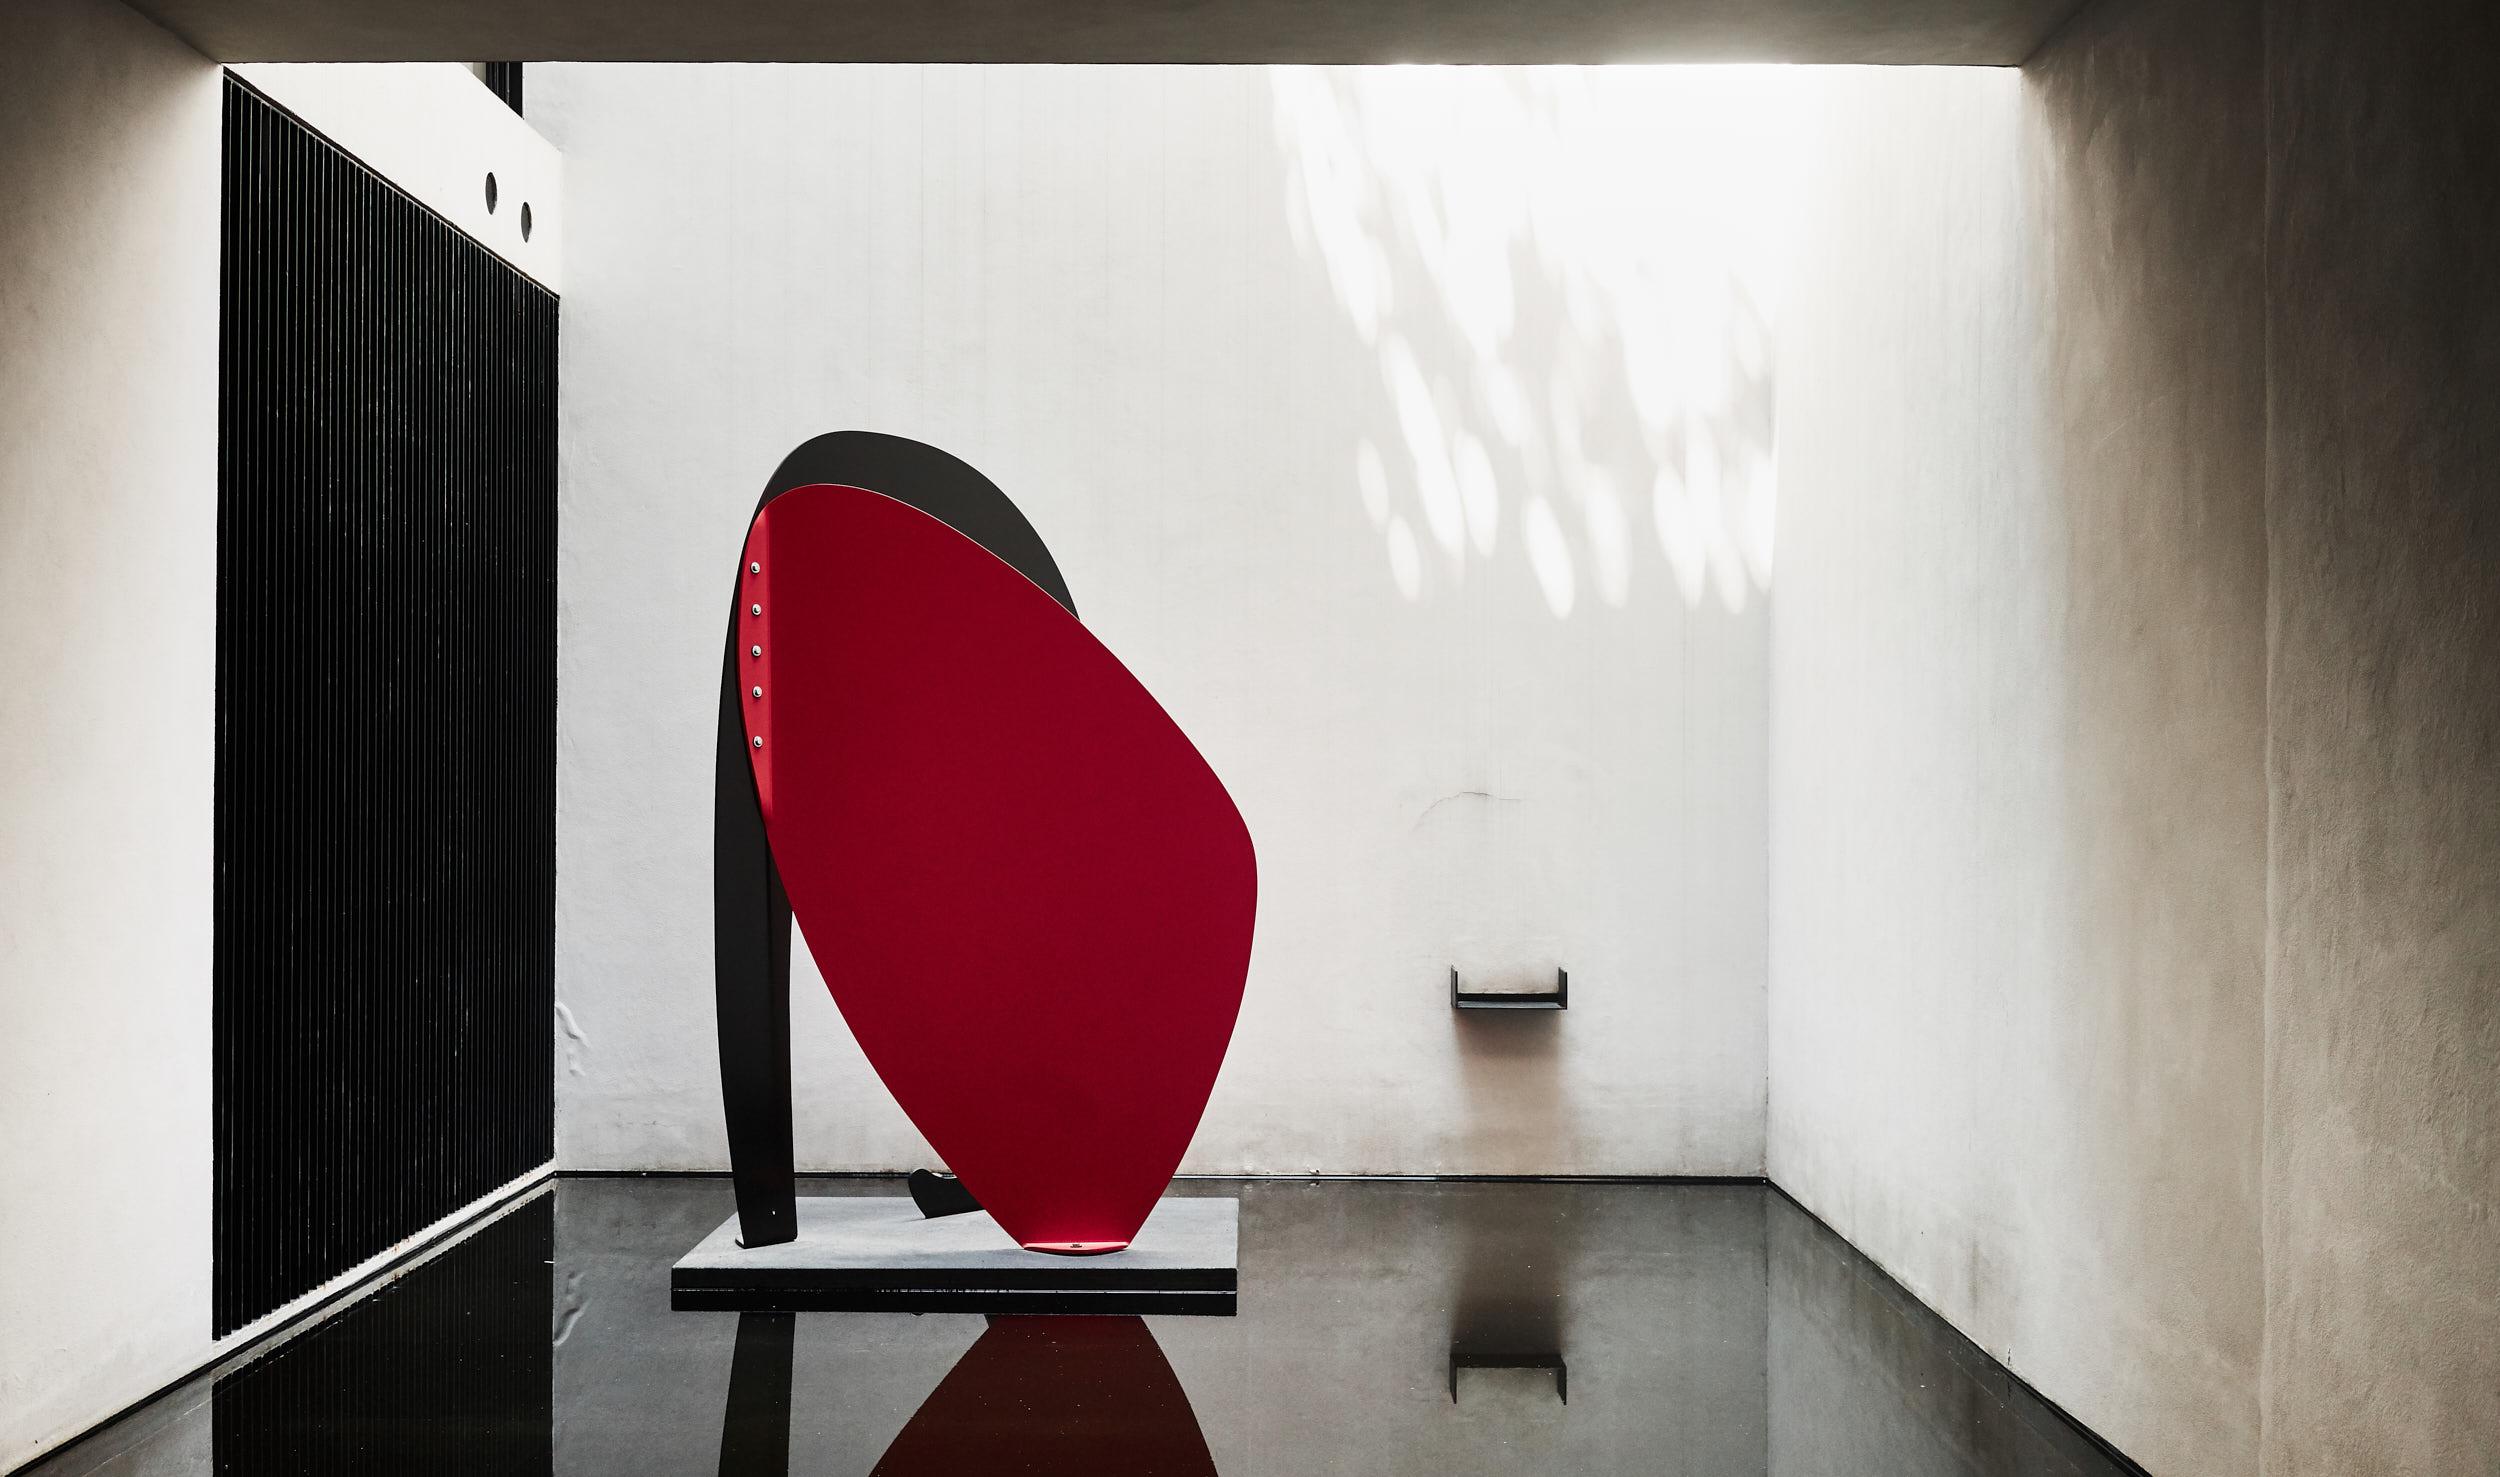 MM House by Nicolas Schuybroek — Photo by Nicolas Schuybroek Architects